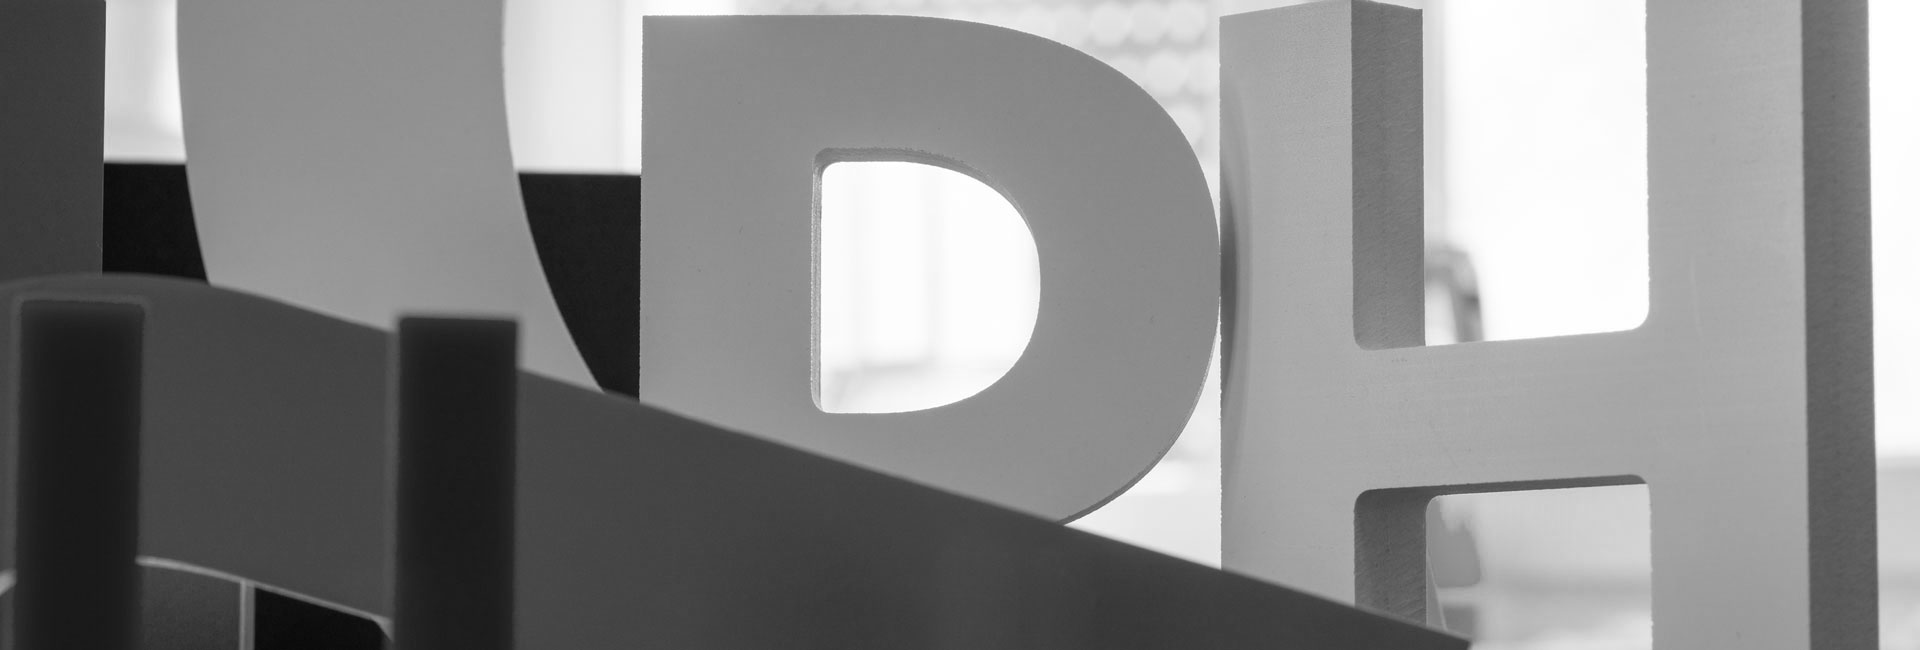 Sonderlösungen und individuelle Gestaltung sowie Umsetzung aus Falkensee